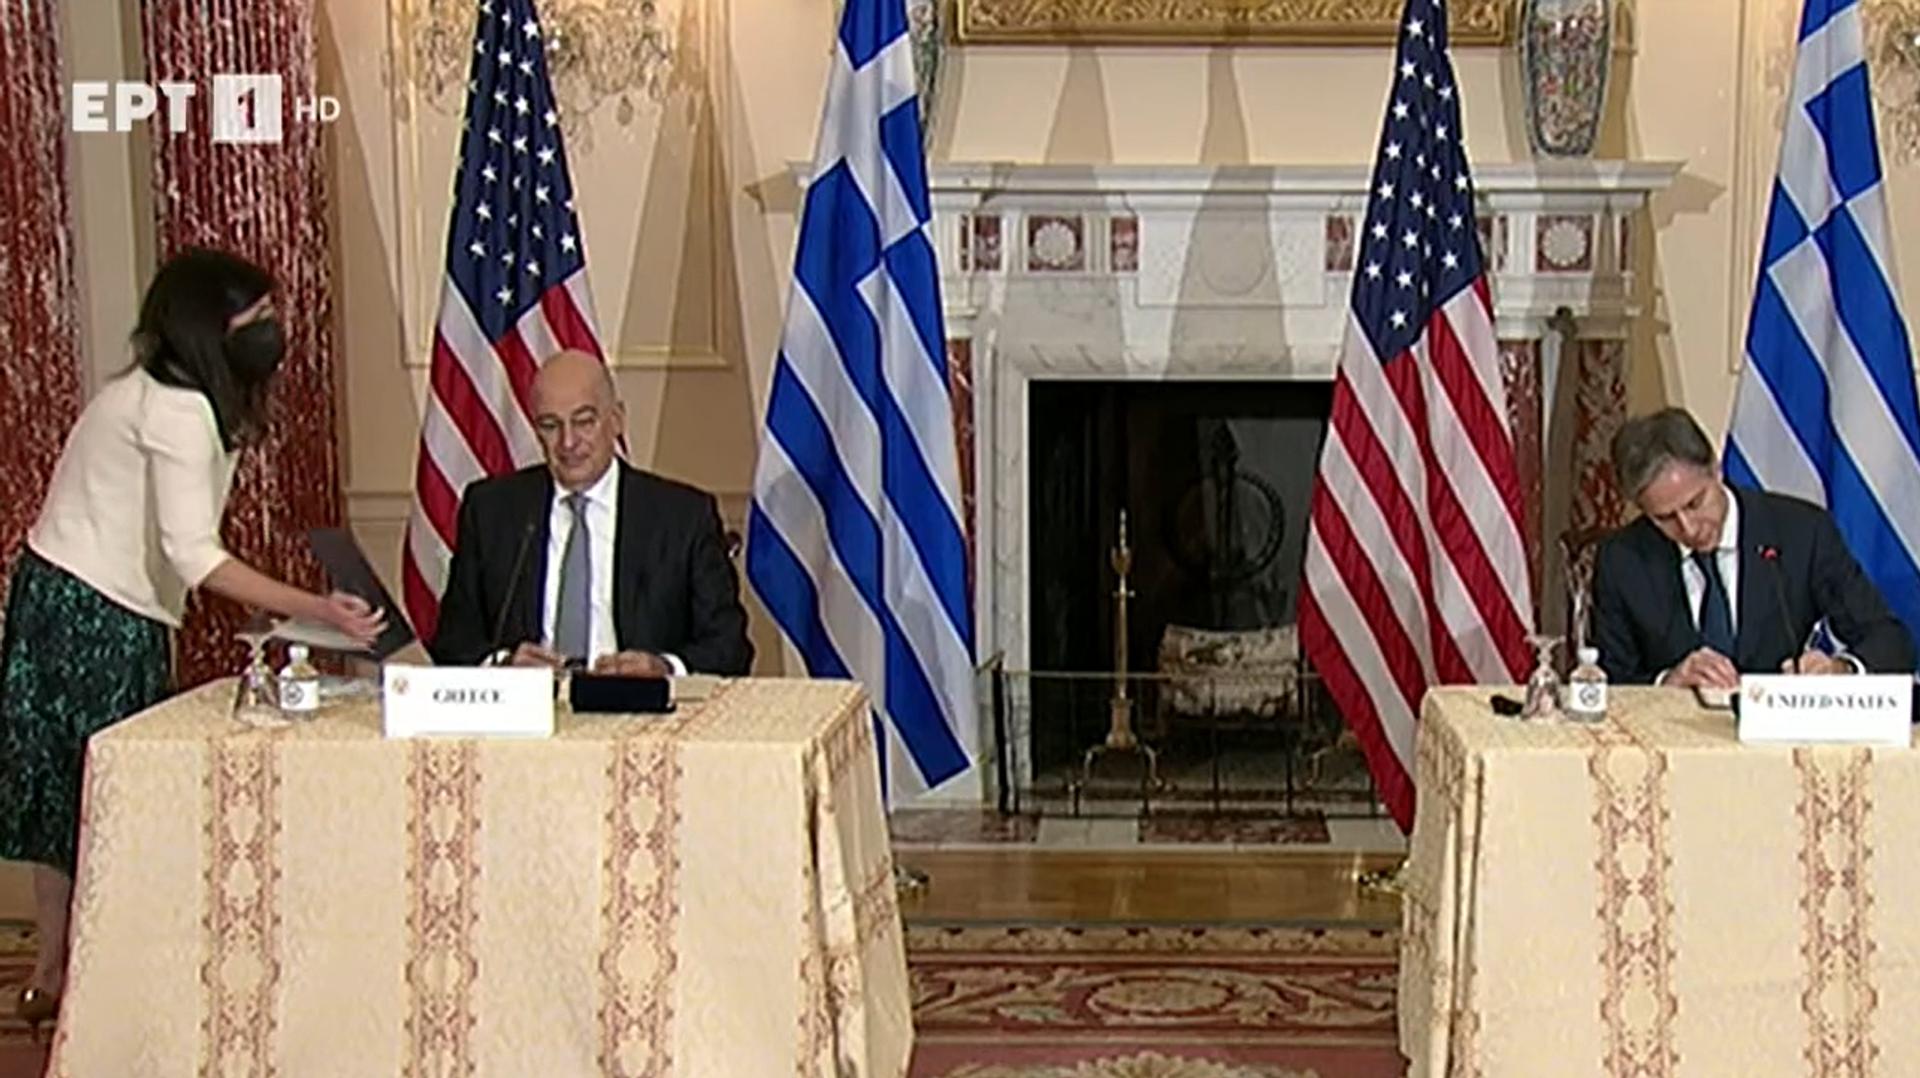 Μπλίνκεν - Δένδιας ελληνοαμερικανική συμφωνία - Sputnik Ελλάδα, 1920, 14.10.2021